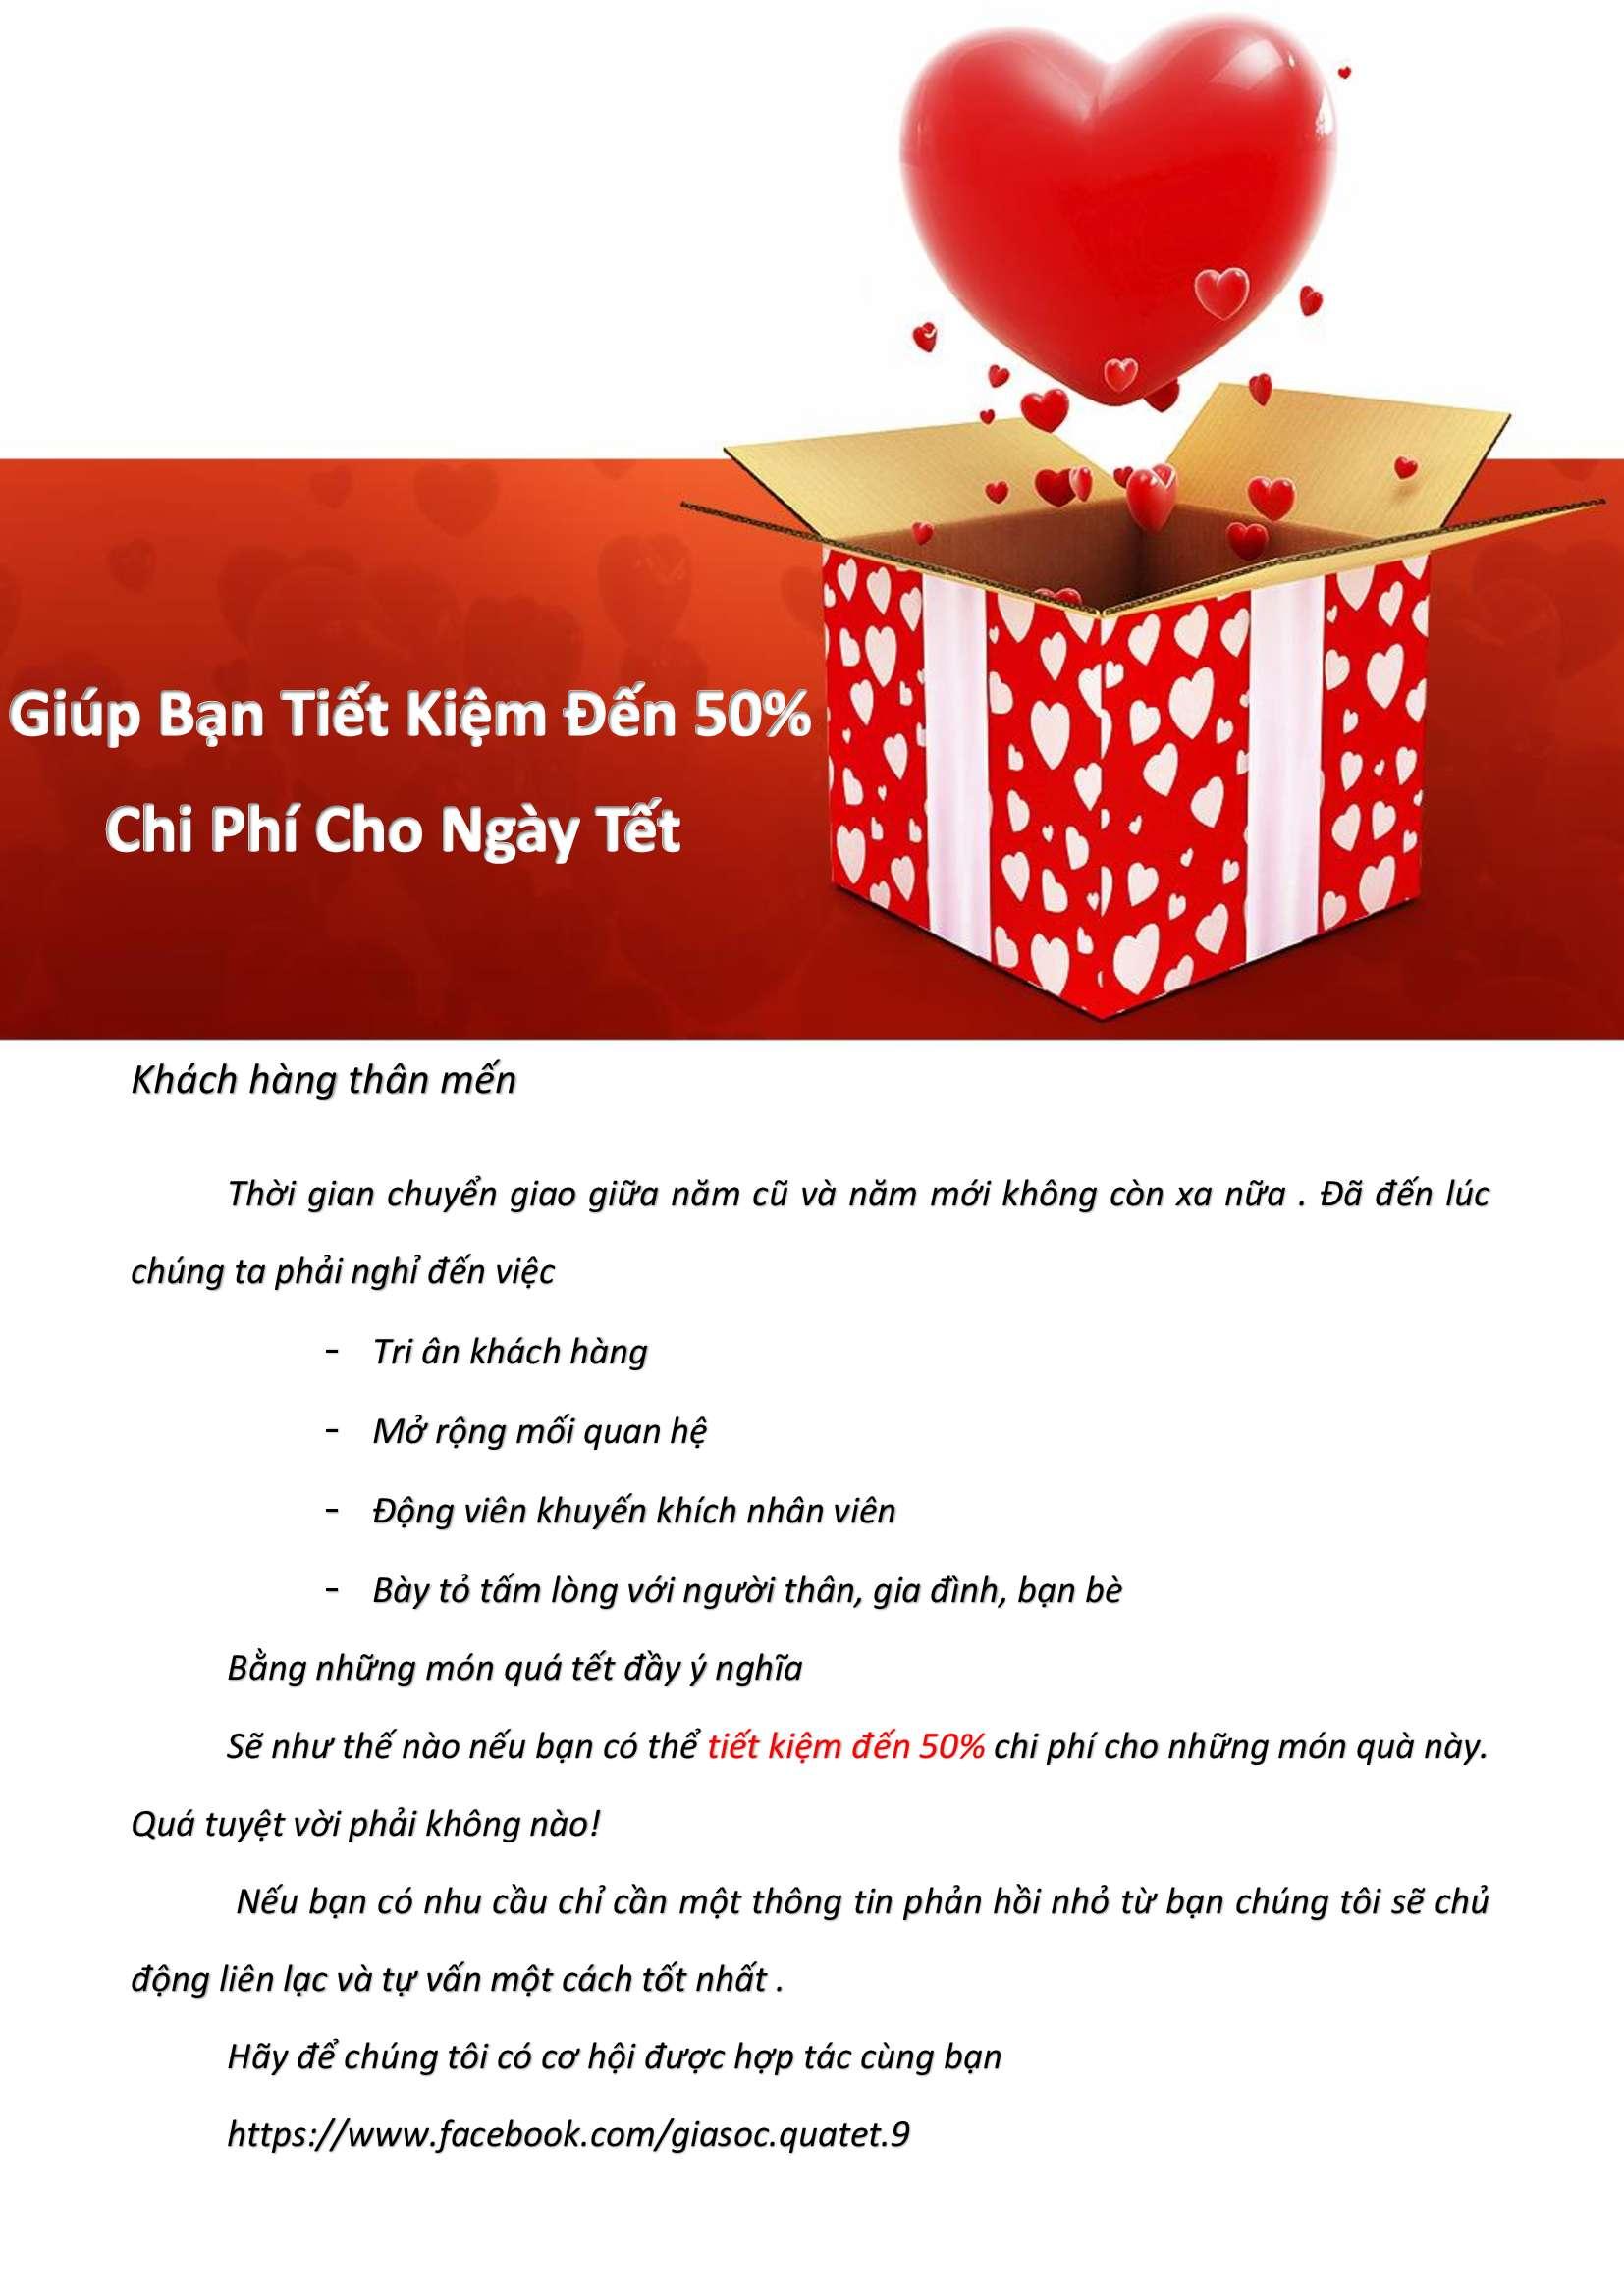 Dịch Vụ Quà Tặng Tết tại TP Hồ Chí Minh